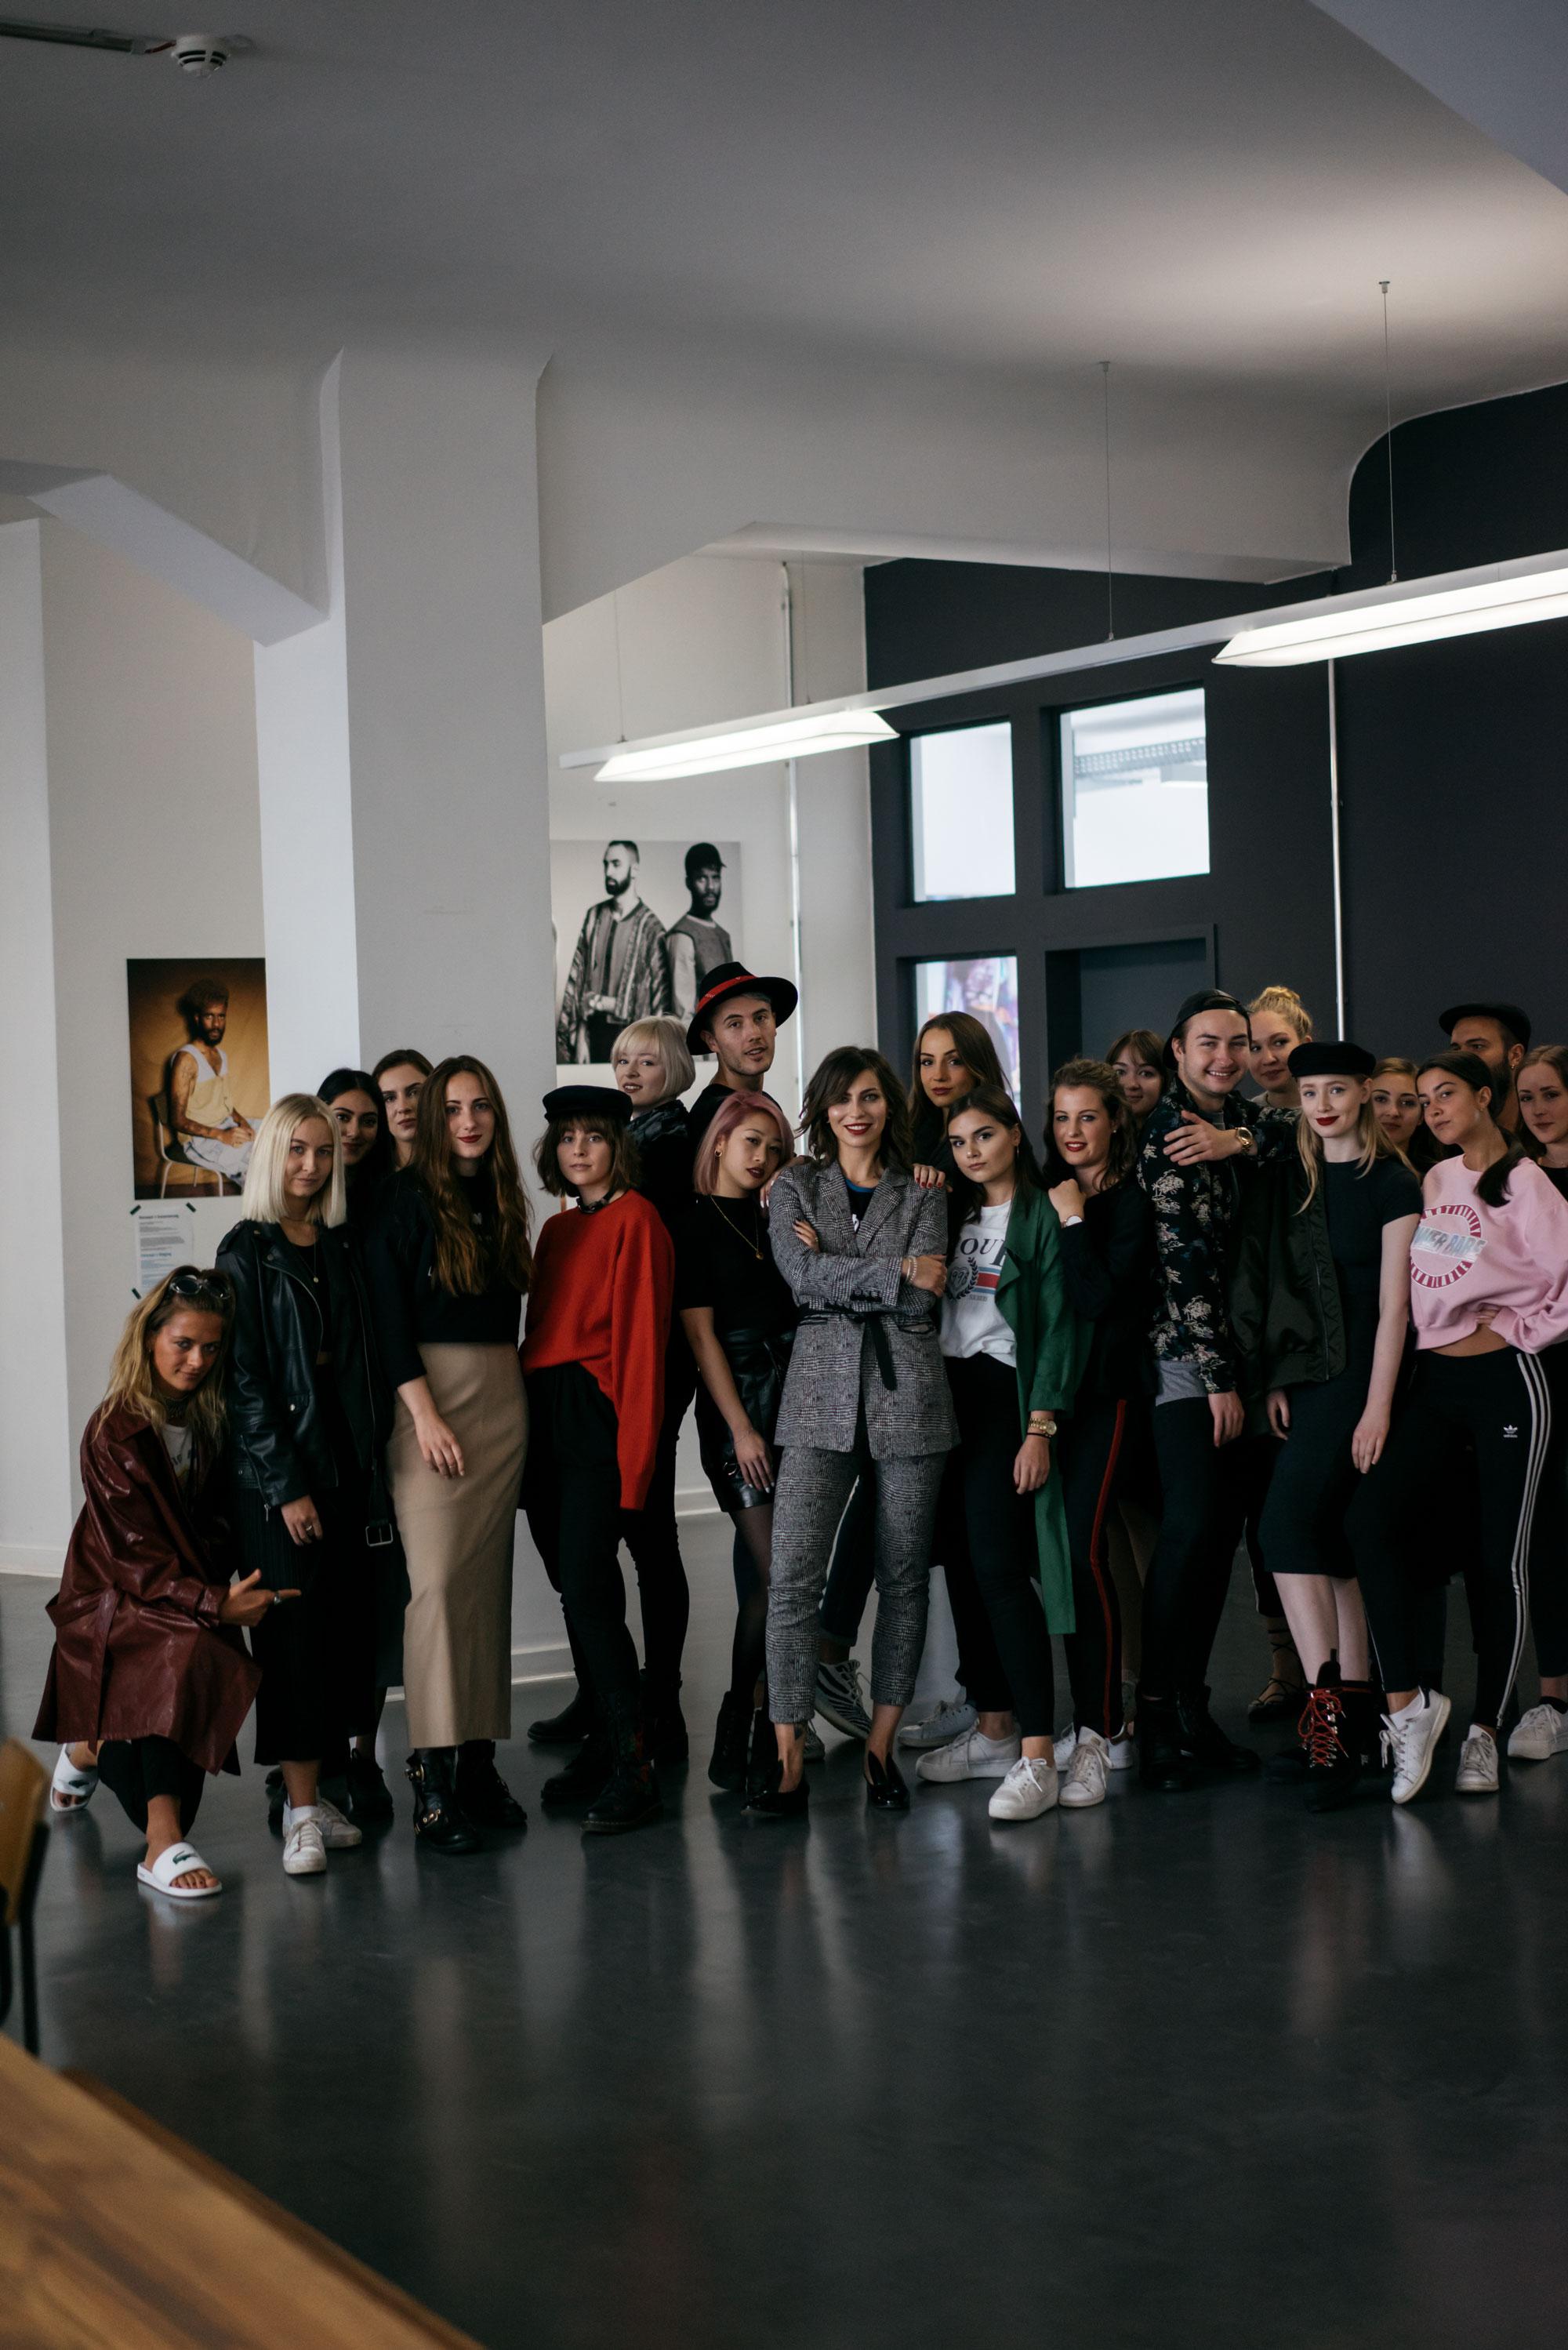 Projektwoche AMD | Masha Sedgwick | Workshop: Bloggen für Fortgeschrittene | Students | Berlin Akademie für Mode & Design